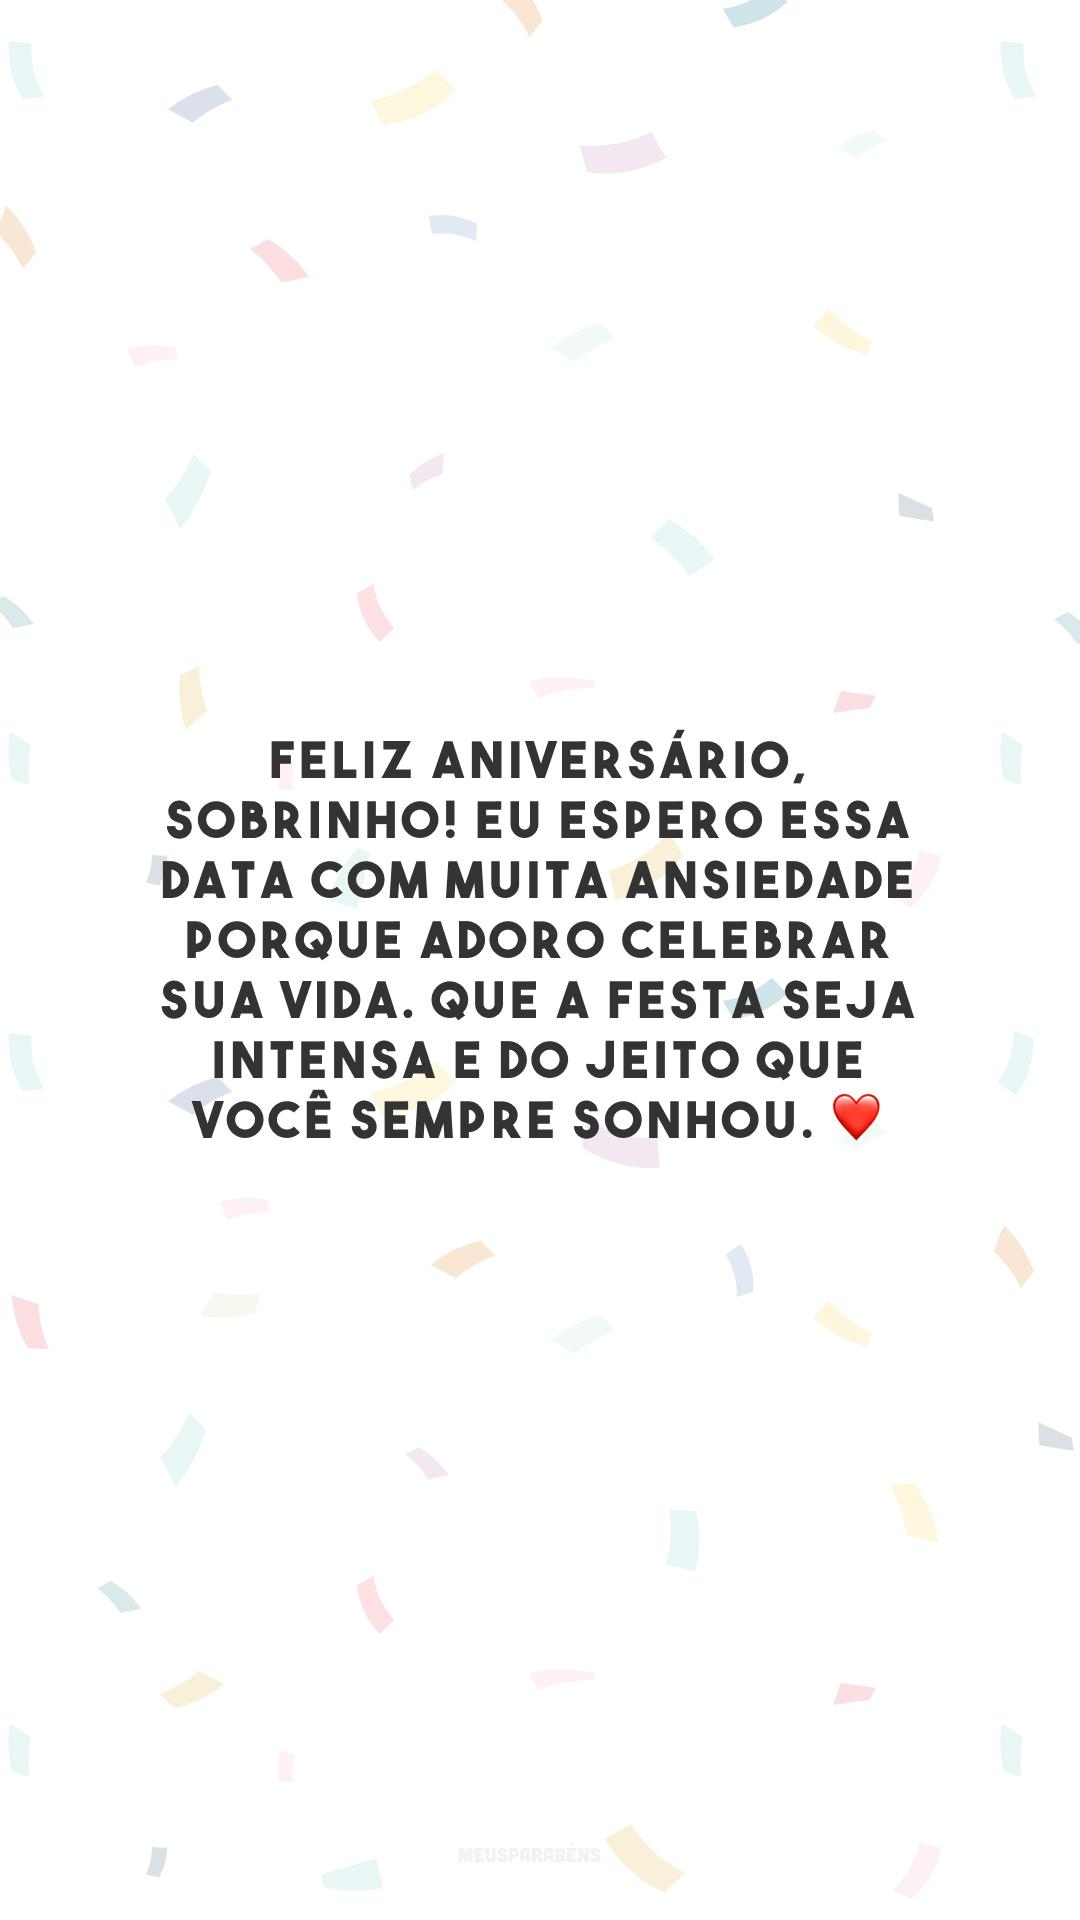 Feliz aniversário, sobrinho! Eu espero essa data com muita ansiedade porque adoro celebrar sua vida. Que a festa seja intensa e do jeito que você sempre sonhou. ❤️